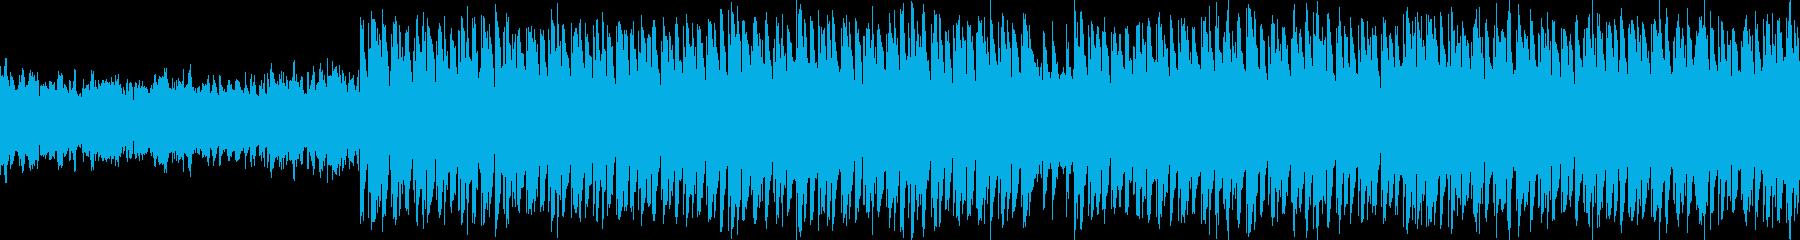 温泉のような温かいアシッドBGMの再生済みの波形